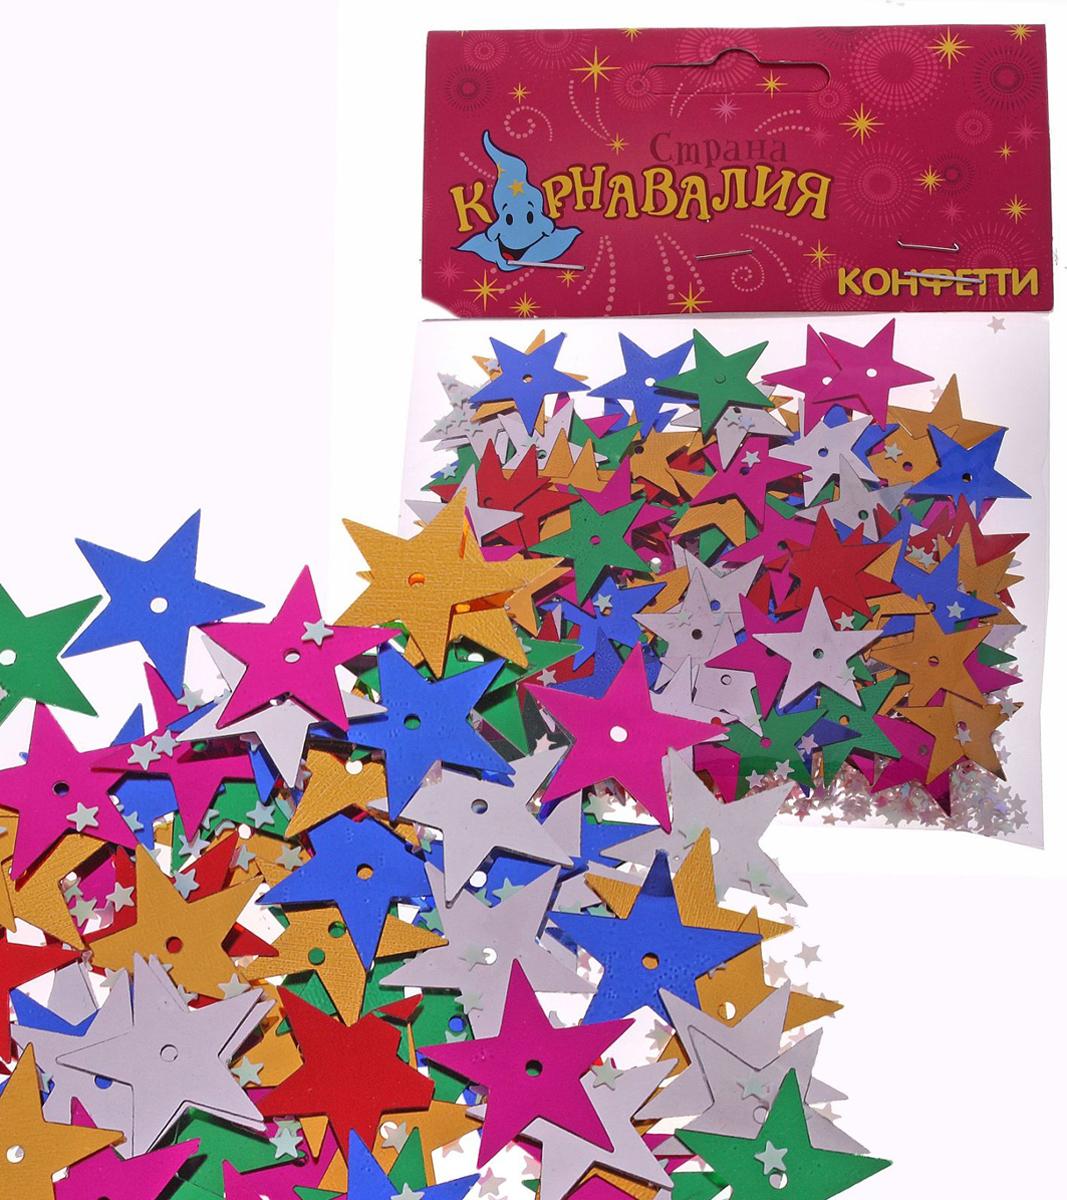 Конфетти карнавальное Страна Карнавалия Звезды, 14 г321608Невозможно представить нашу жизнь без праздников! Мы всегда ждем их и предвкушаем, обдумываем, как проведем памятный день, тщательно выбираем подарки и аксессуары, ведь именно они создают и поддерживают торжественный настрой. Новогодние аксессуары — это отличный выбор, который привнесет атмосферу праздника в ваш дом!